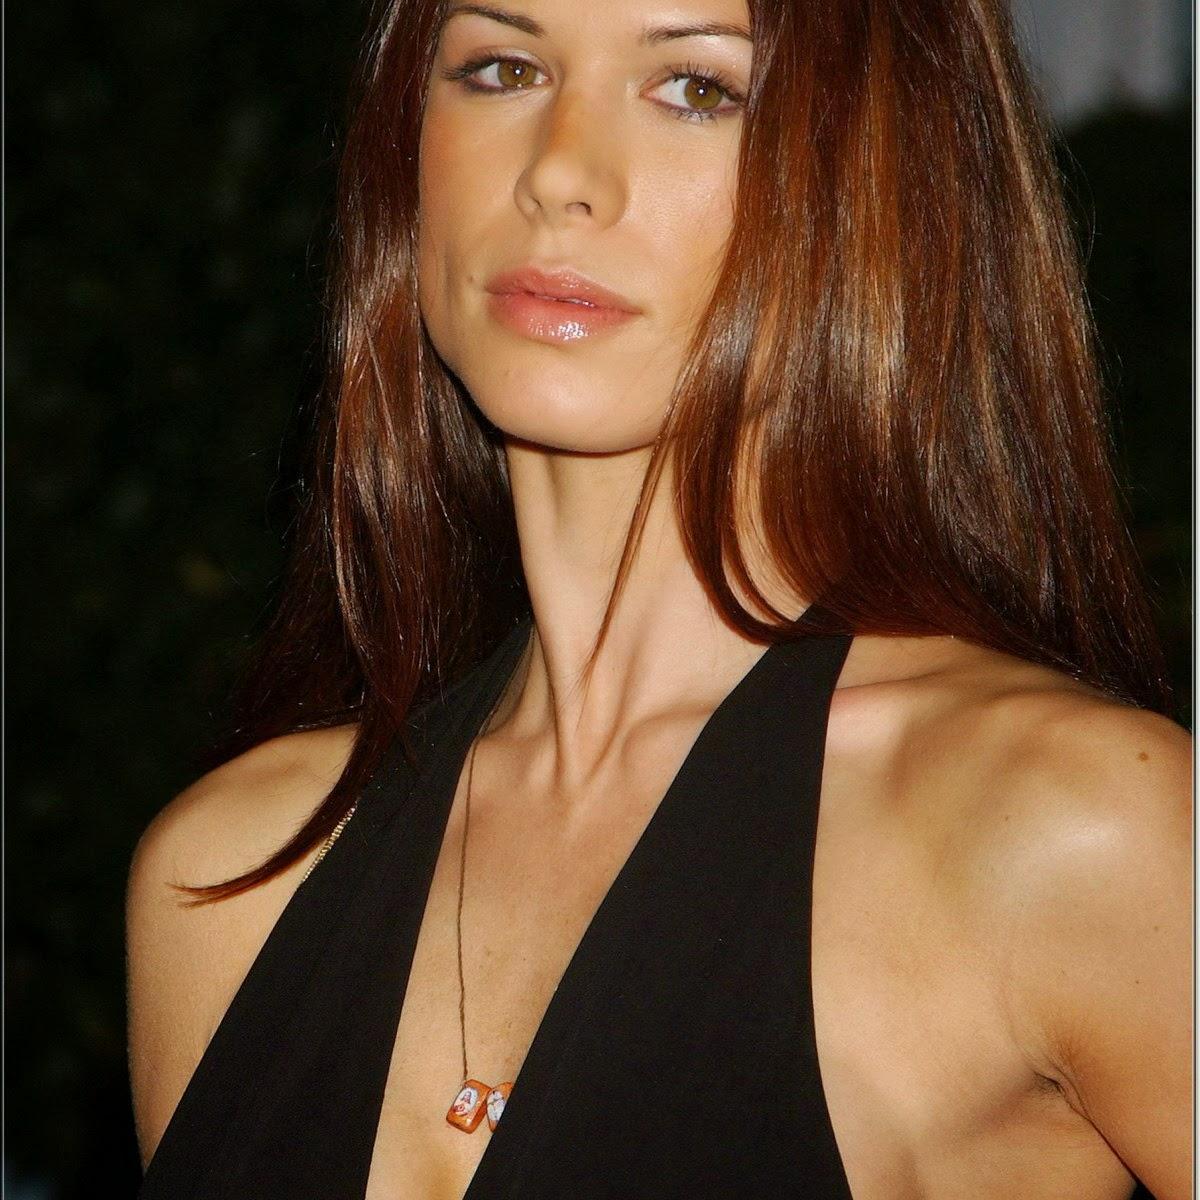 nice celebrity: Rhona Mitra bobs slip nip slip 2005 ABC